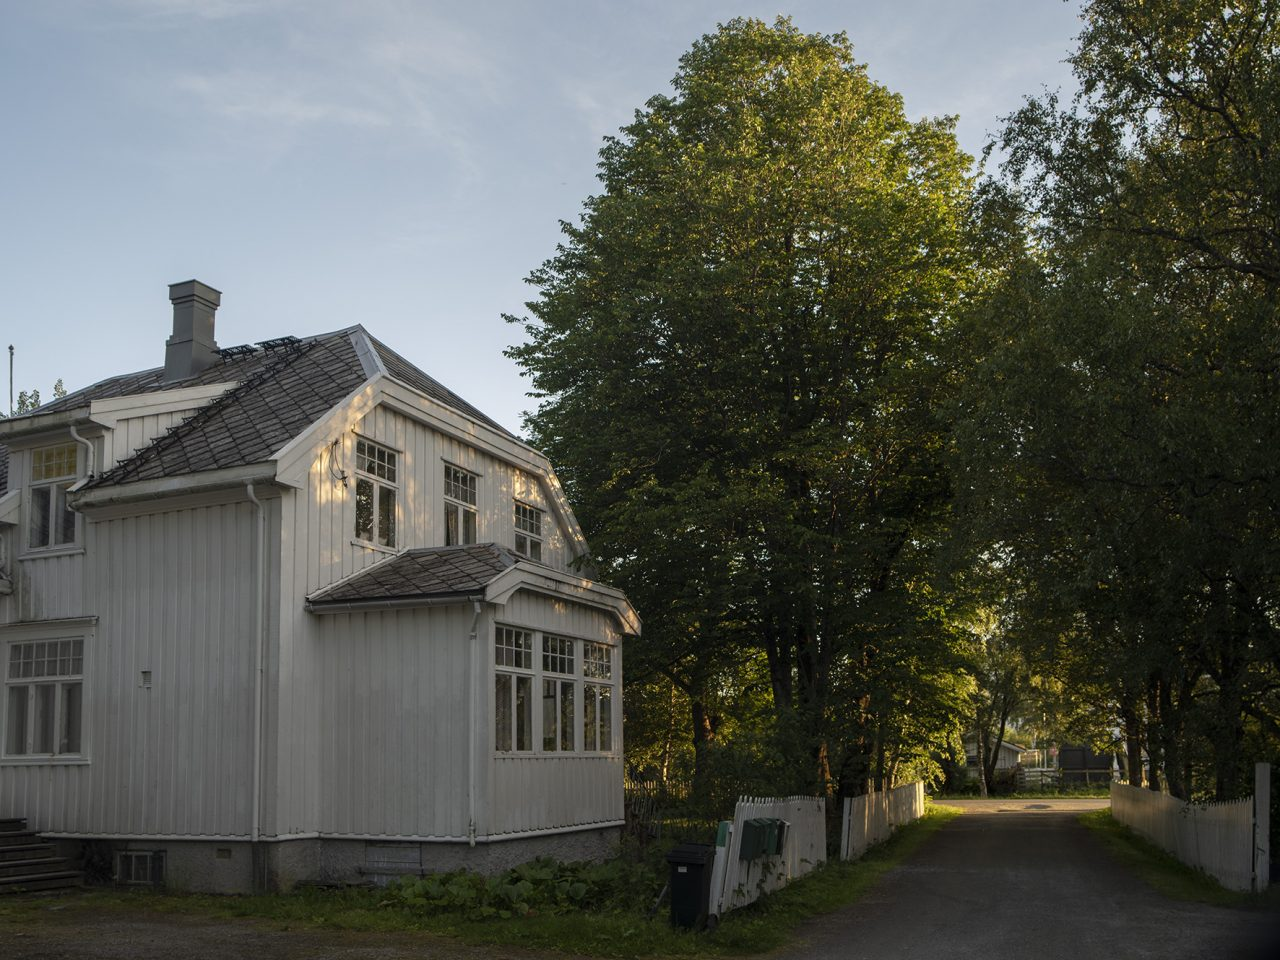 Nesna. Camilla Langset kom fra Kristiansund og tegnet familiens bolighus inspirert av byggeskikken i hjembyen